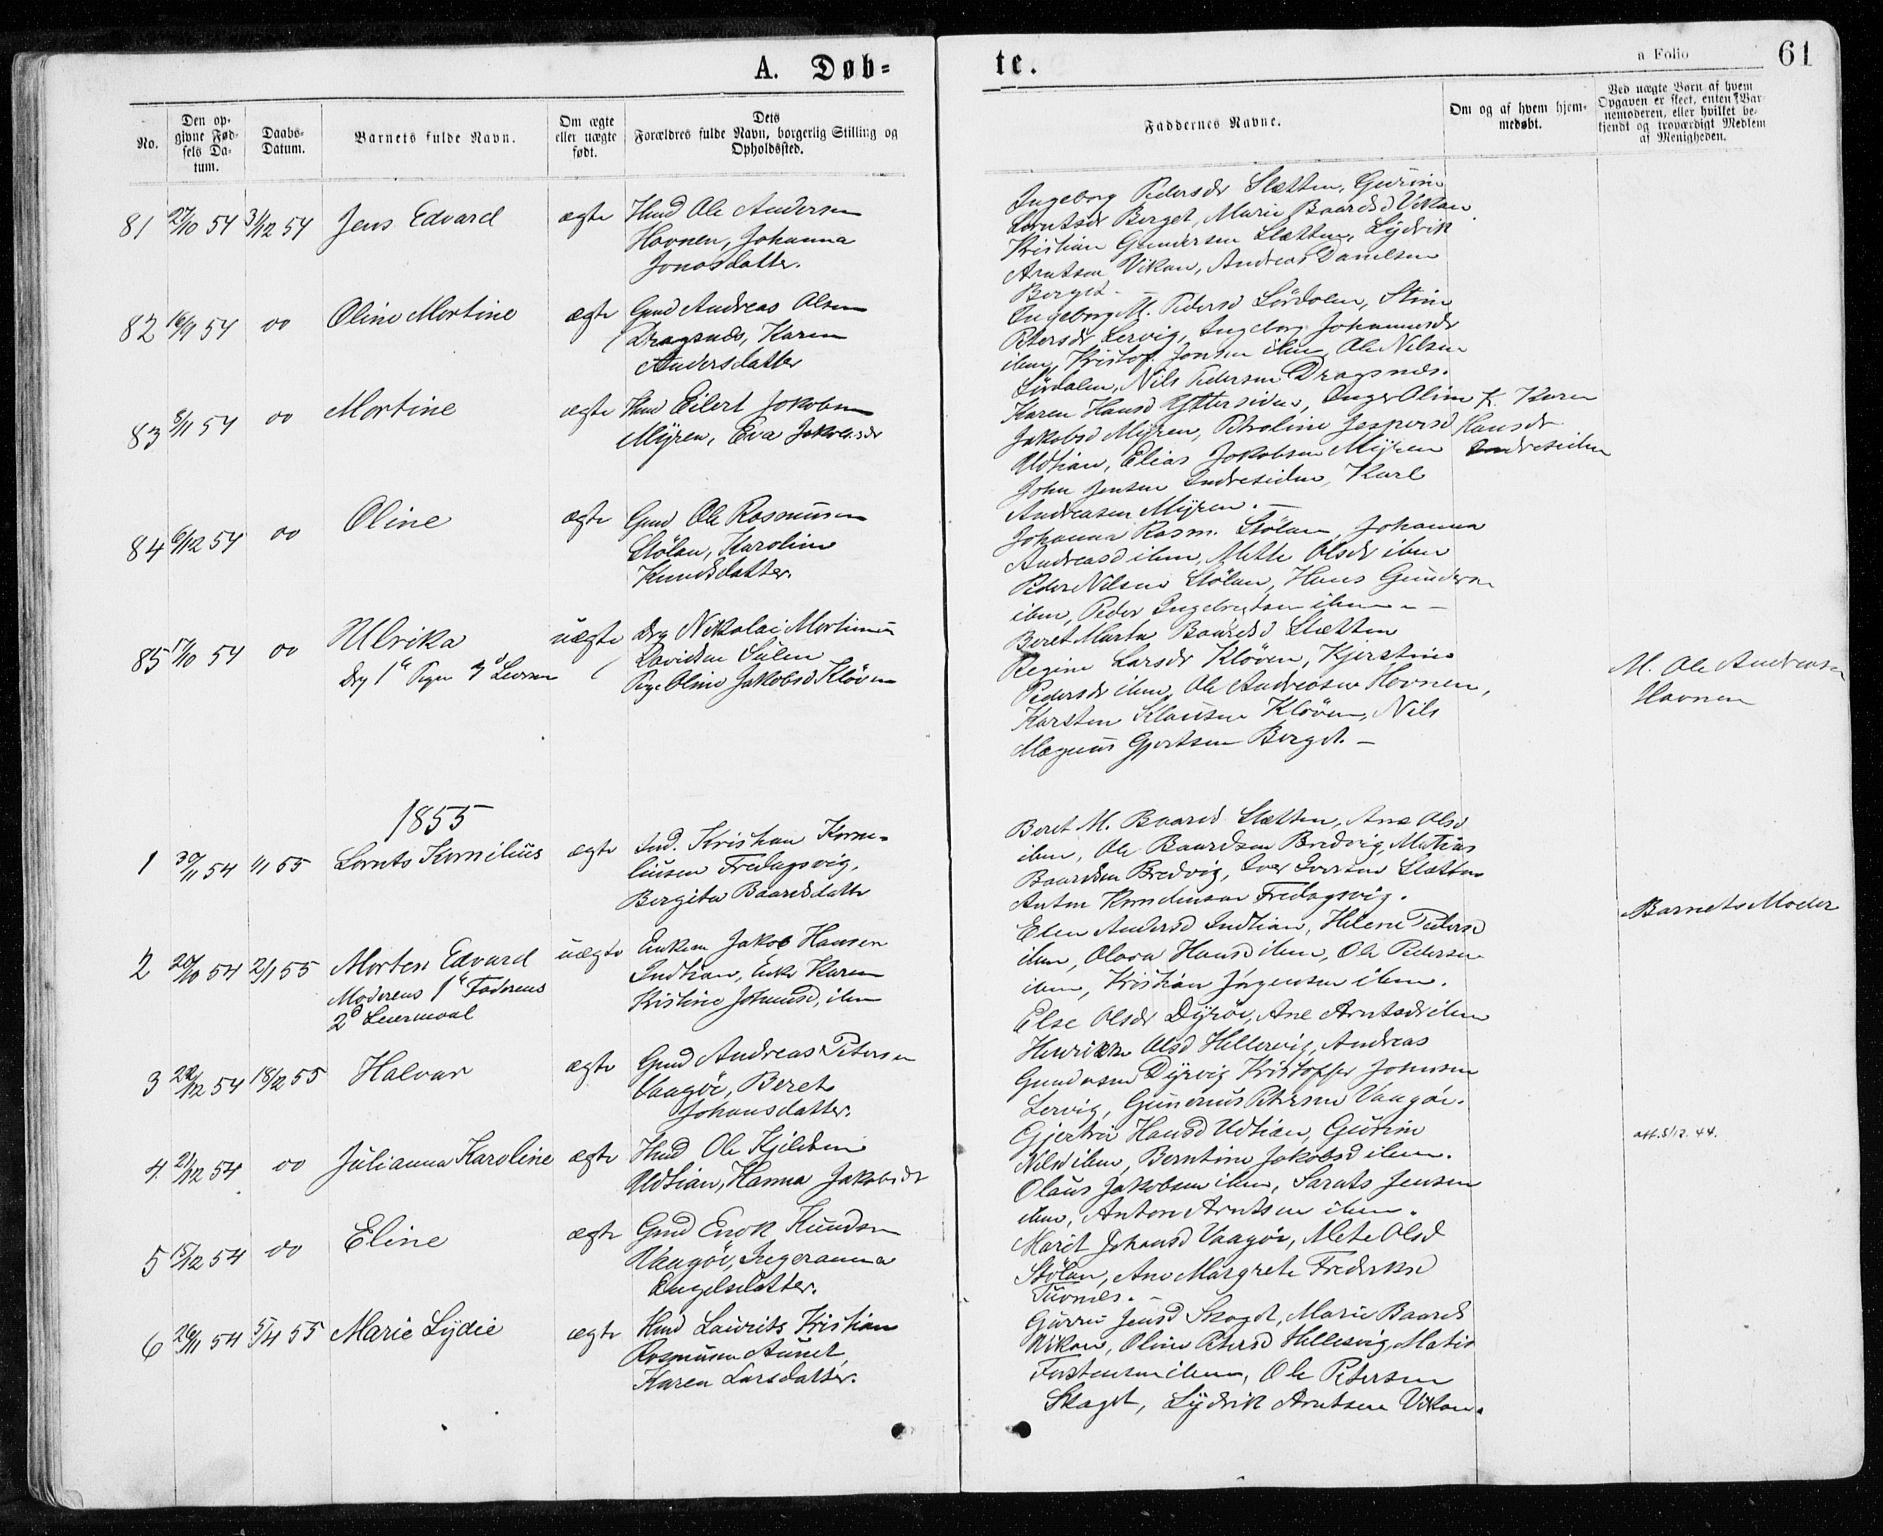 SAT, Ministerialprotokoller, klokkerbøker og fødselsregistre - Sør-Trøndelag, 640/L0576: Ministerialbok nr. 640A01, 1846-1876, s. 61